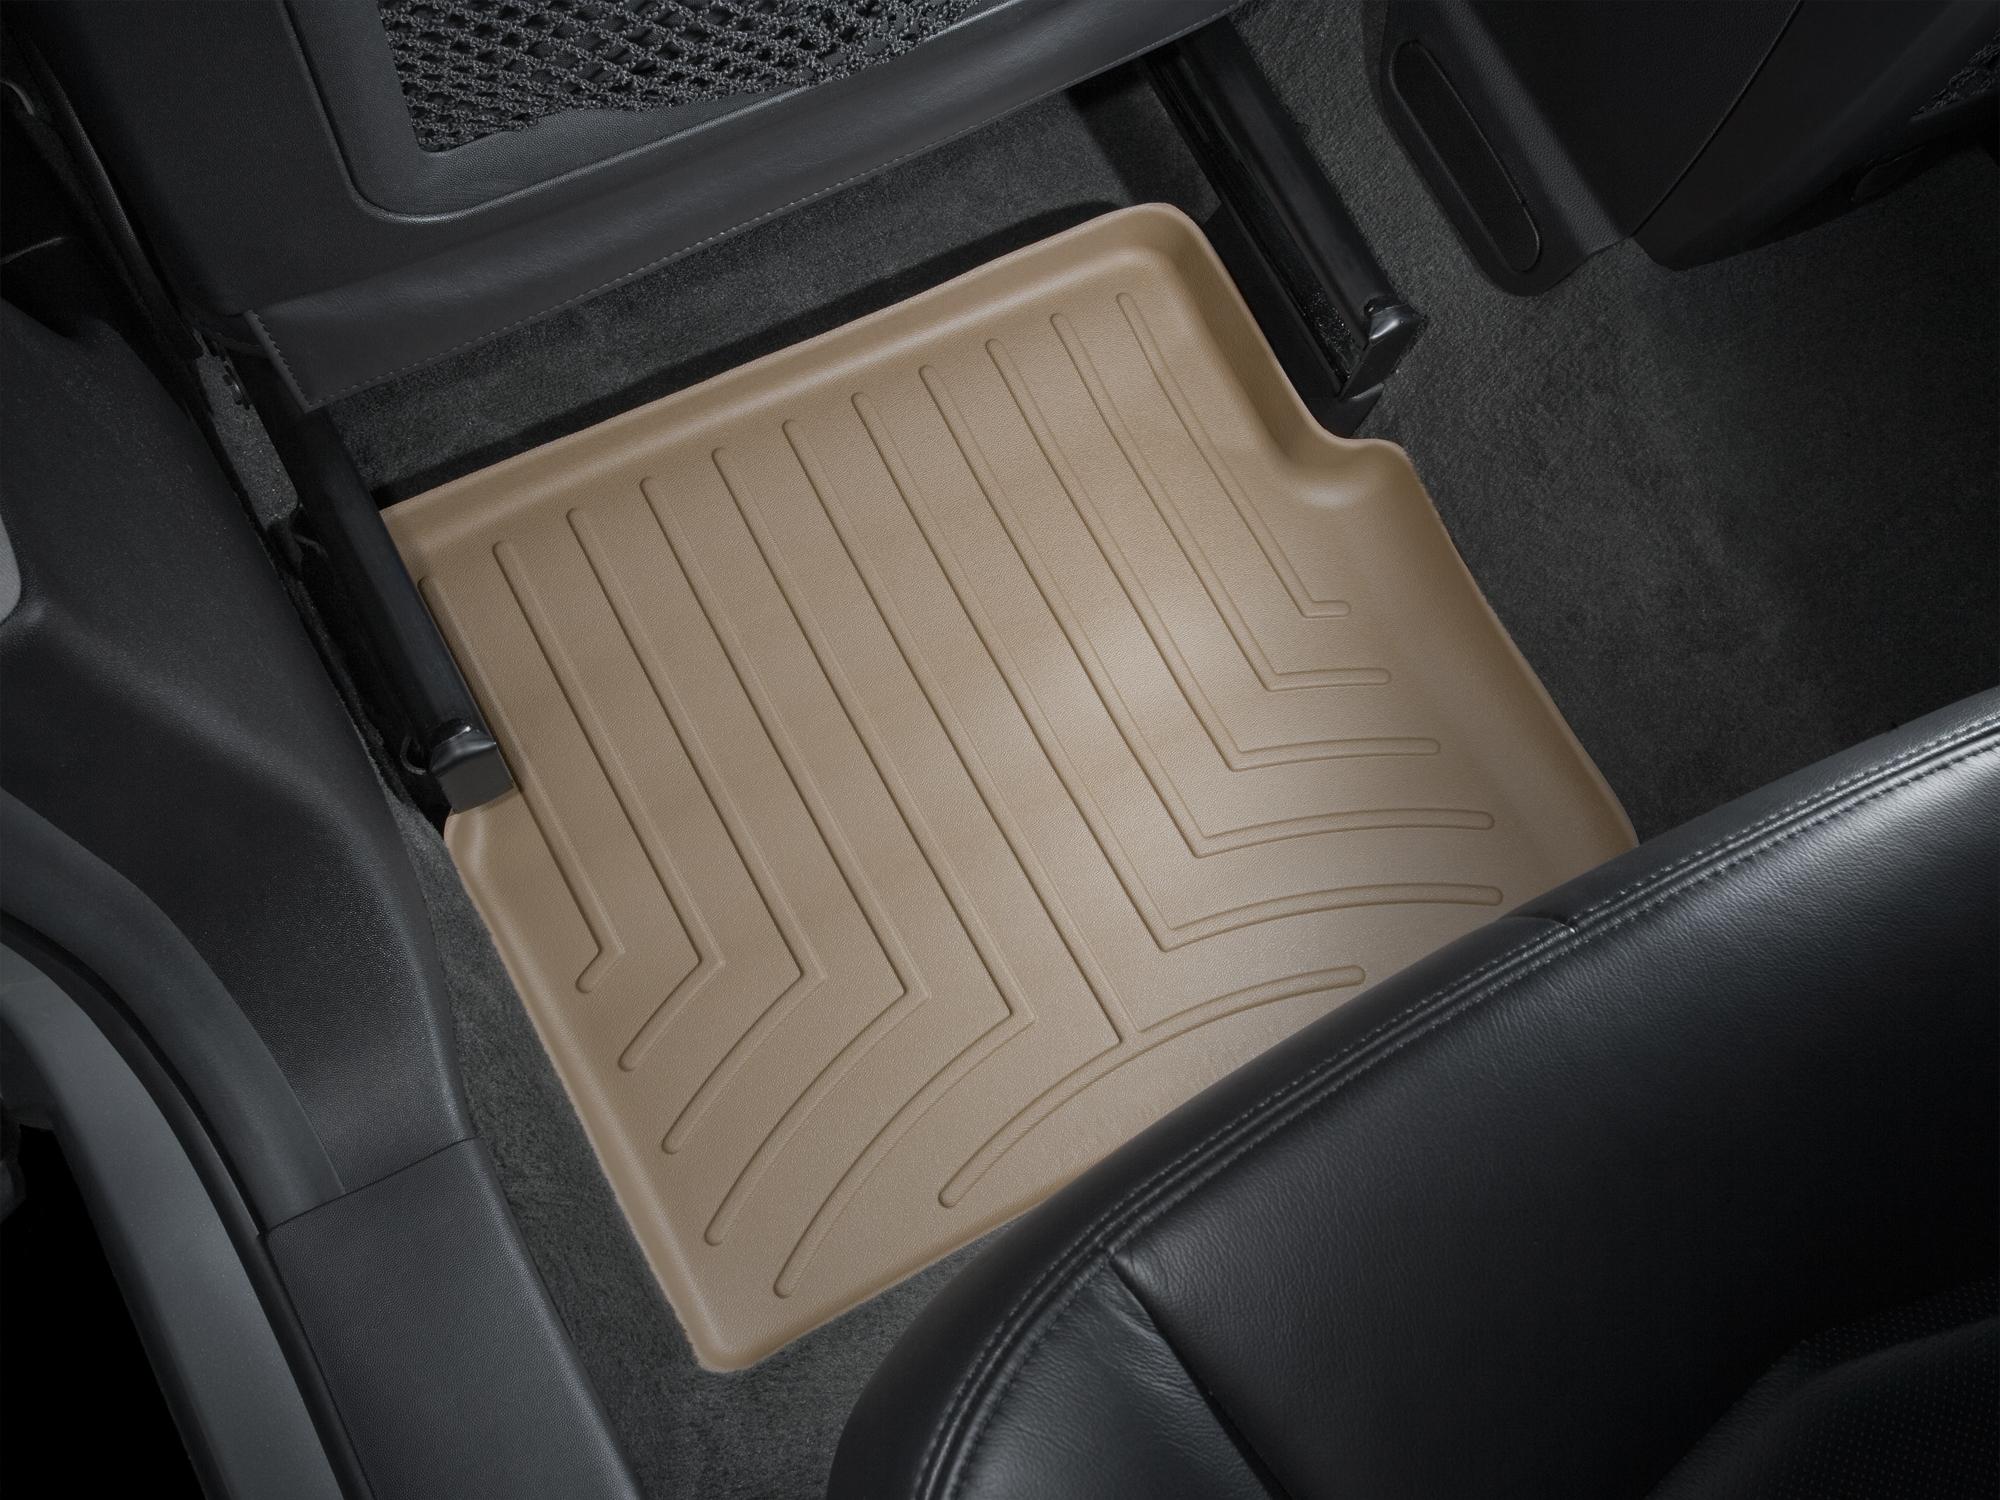 Tappeti gomma su misura bordo alto Cadillac SRX 04>09 Marrone A76*